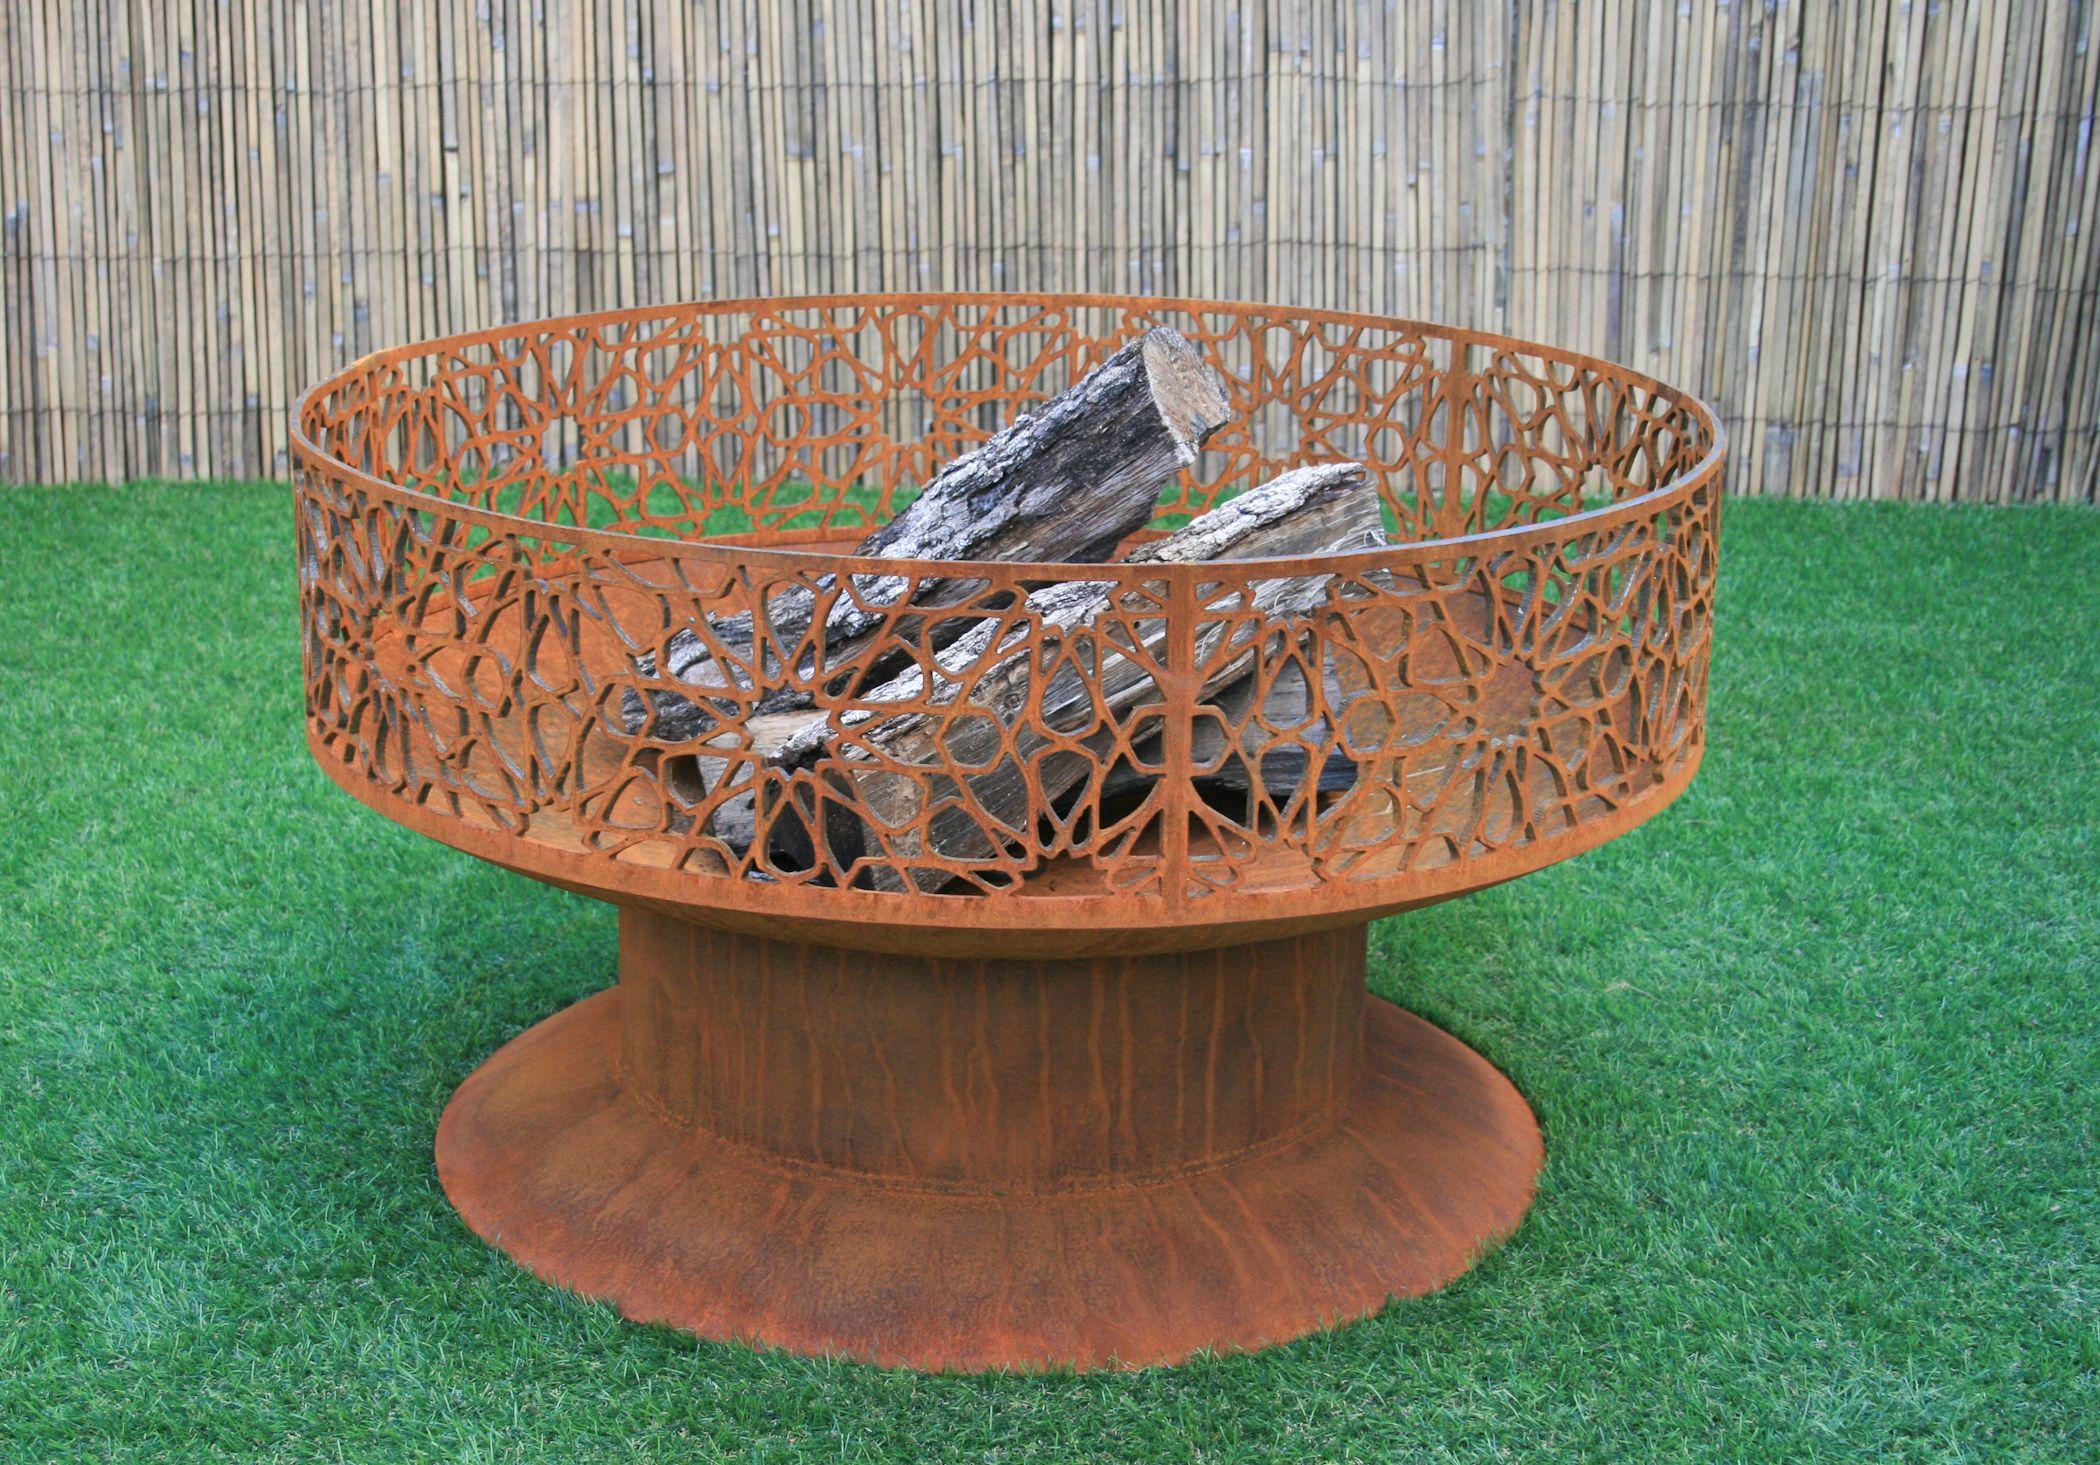 Custom Made Modern Fire Pit All Steel Firepit Mosaic Design Yard Art